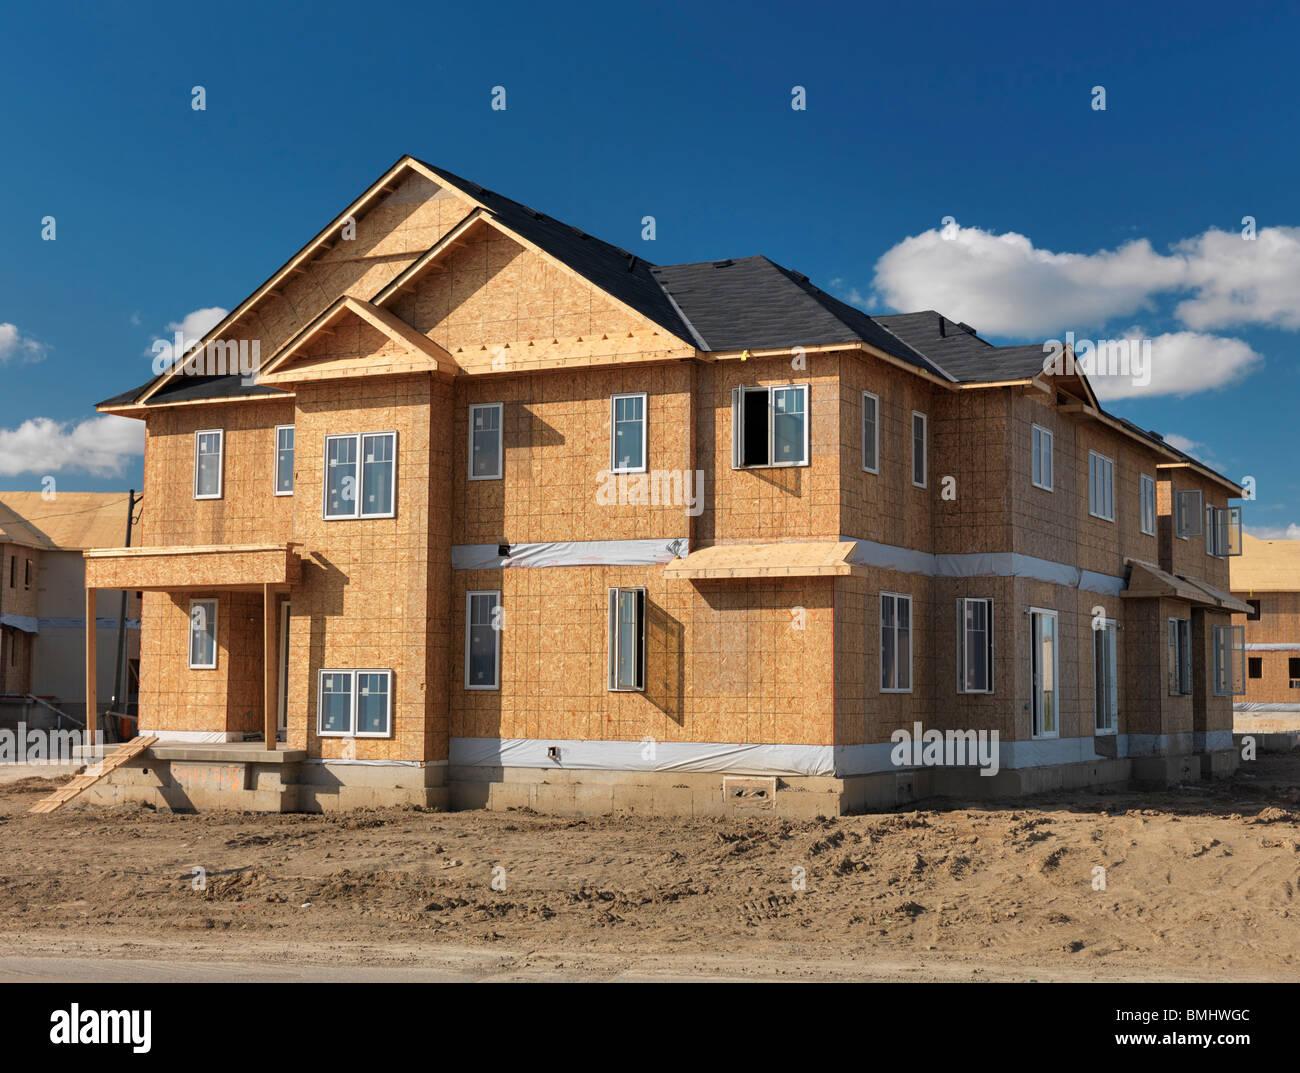 Holz rahmen zweist ckiges haus mit osb ummantelt w nde im for Complete home construction